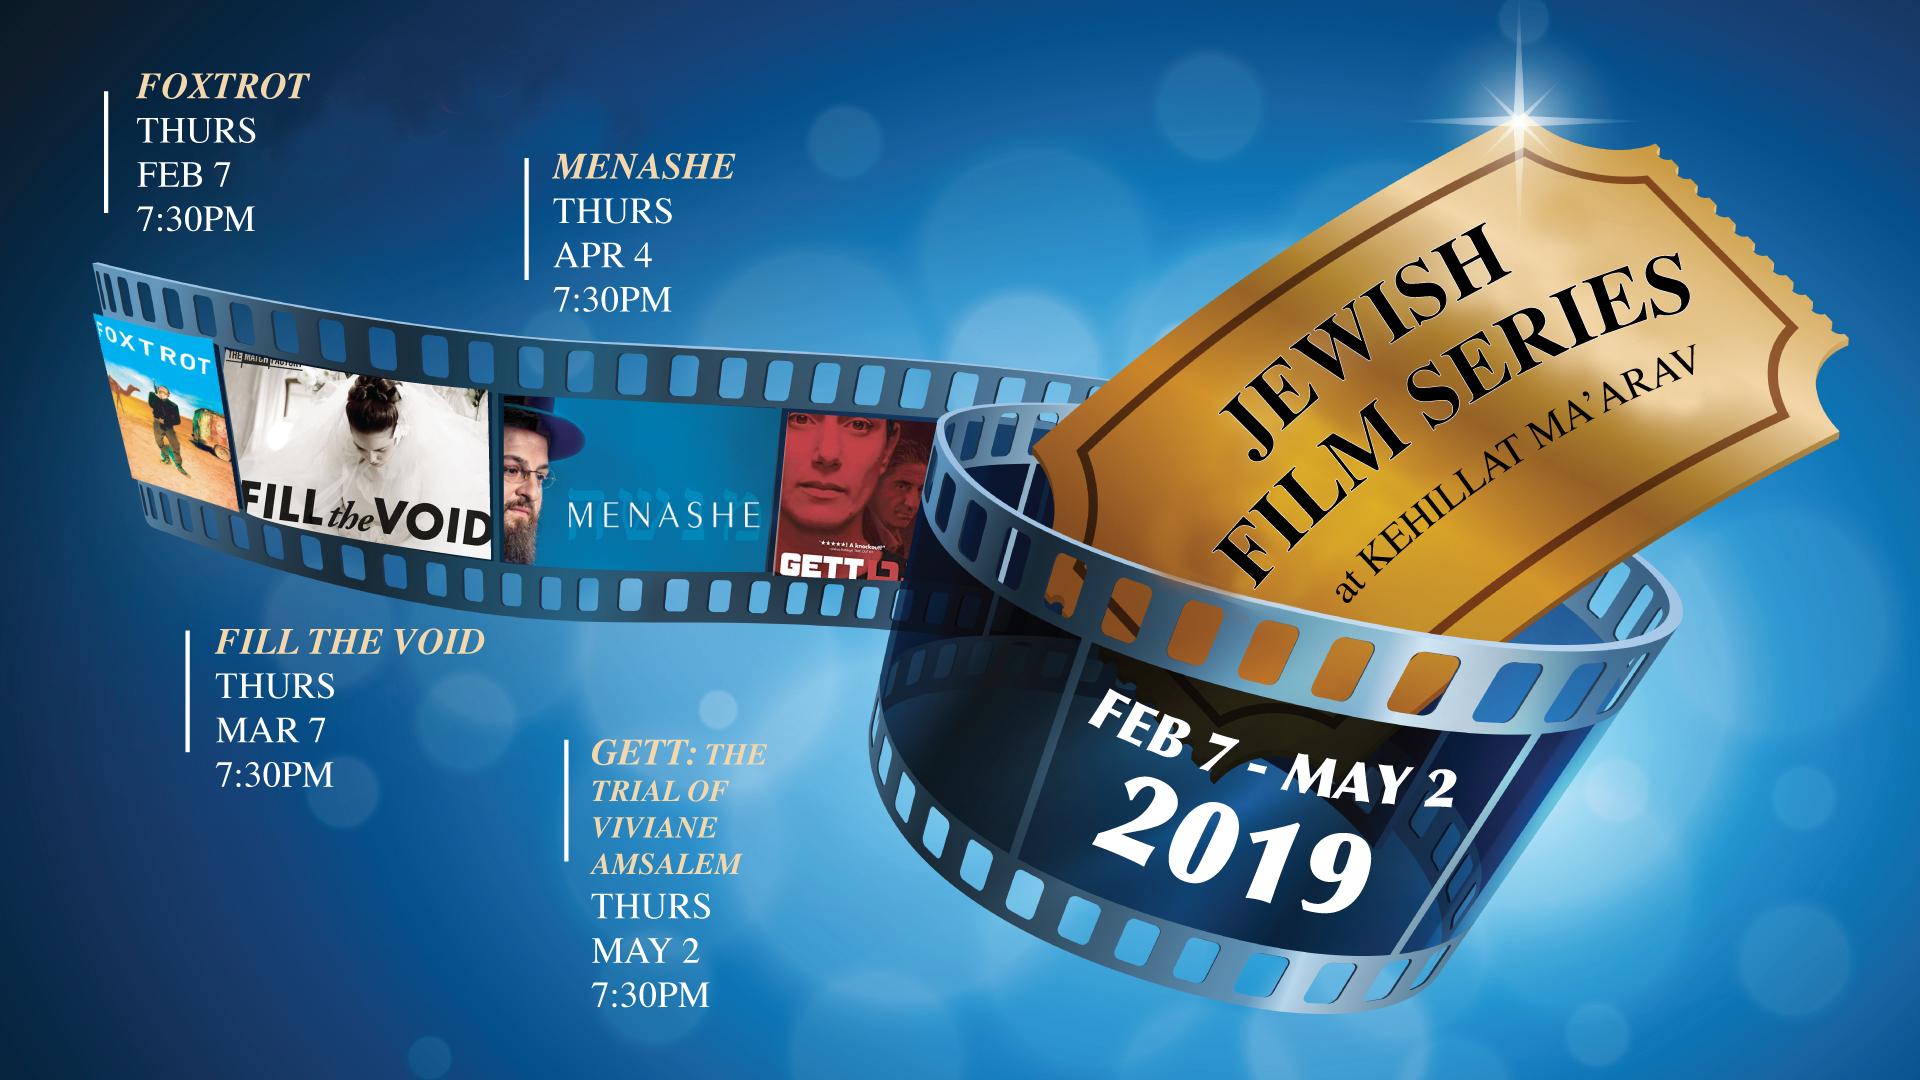 Jewish Film Series: Foxtrot